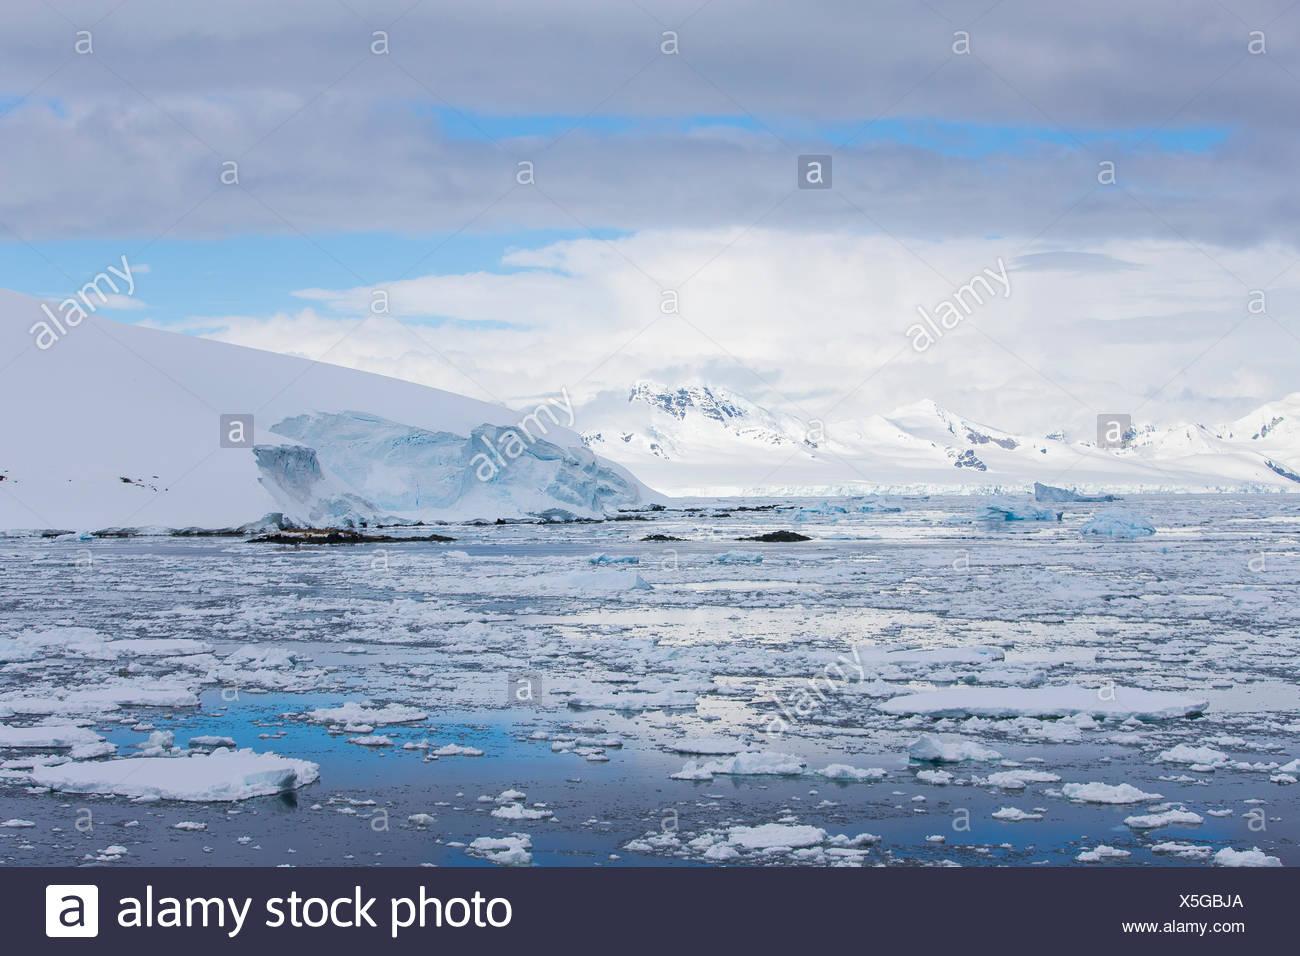 La glace près de la rive dans l'Antarctique. Photo Stock